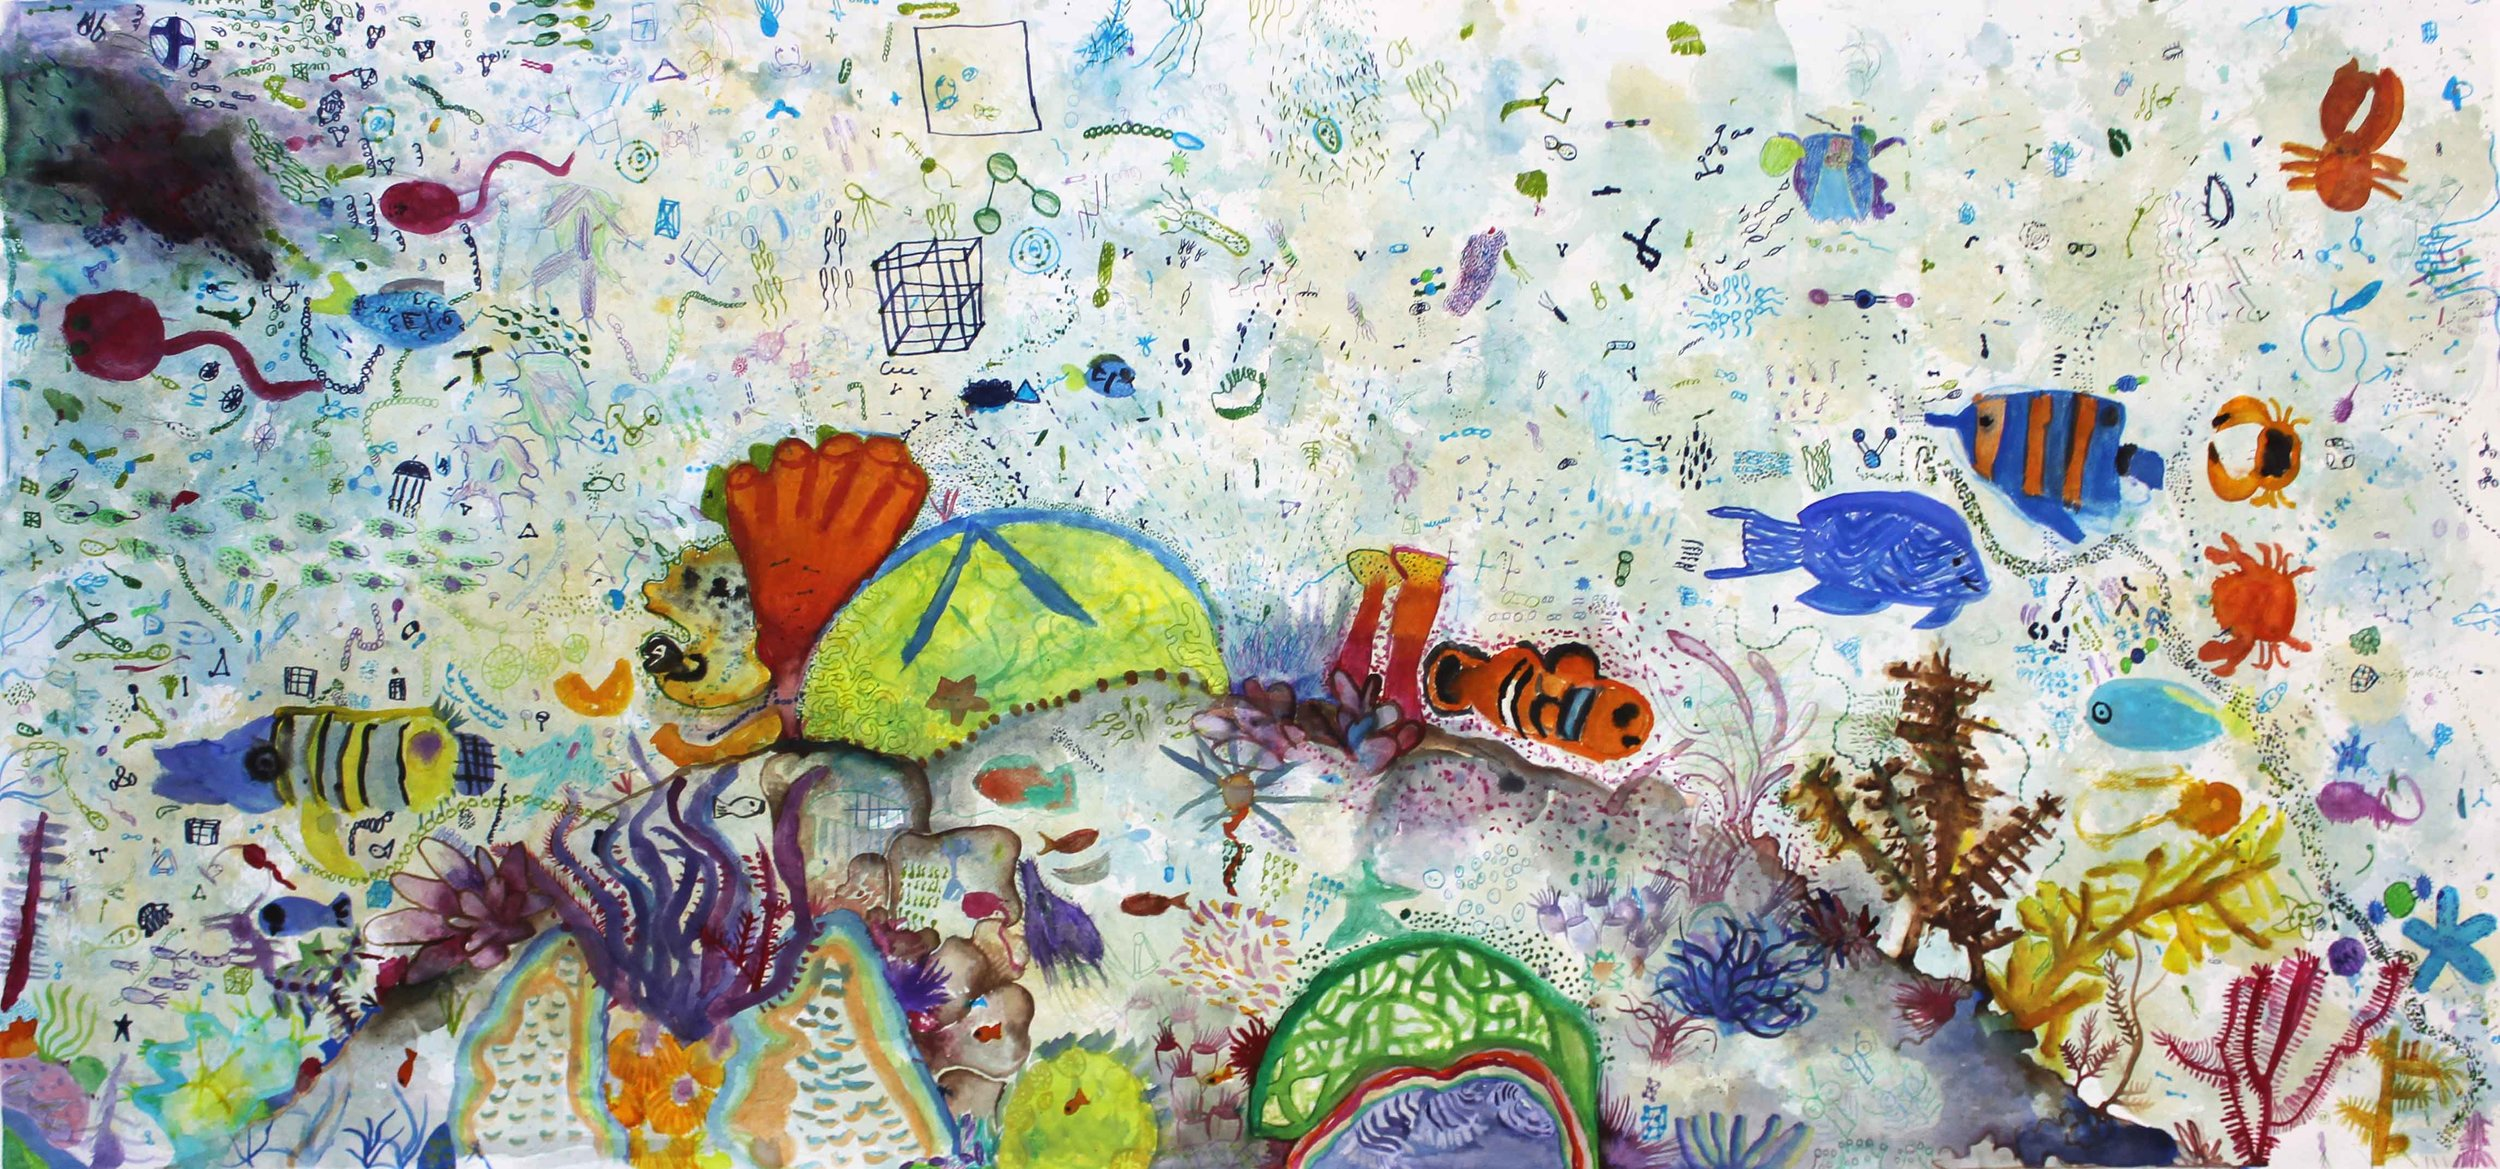 coral bommie 2.jpg